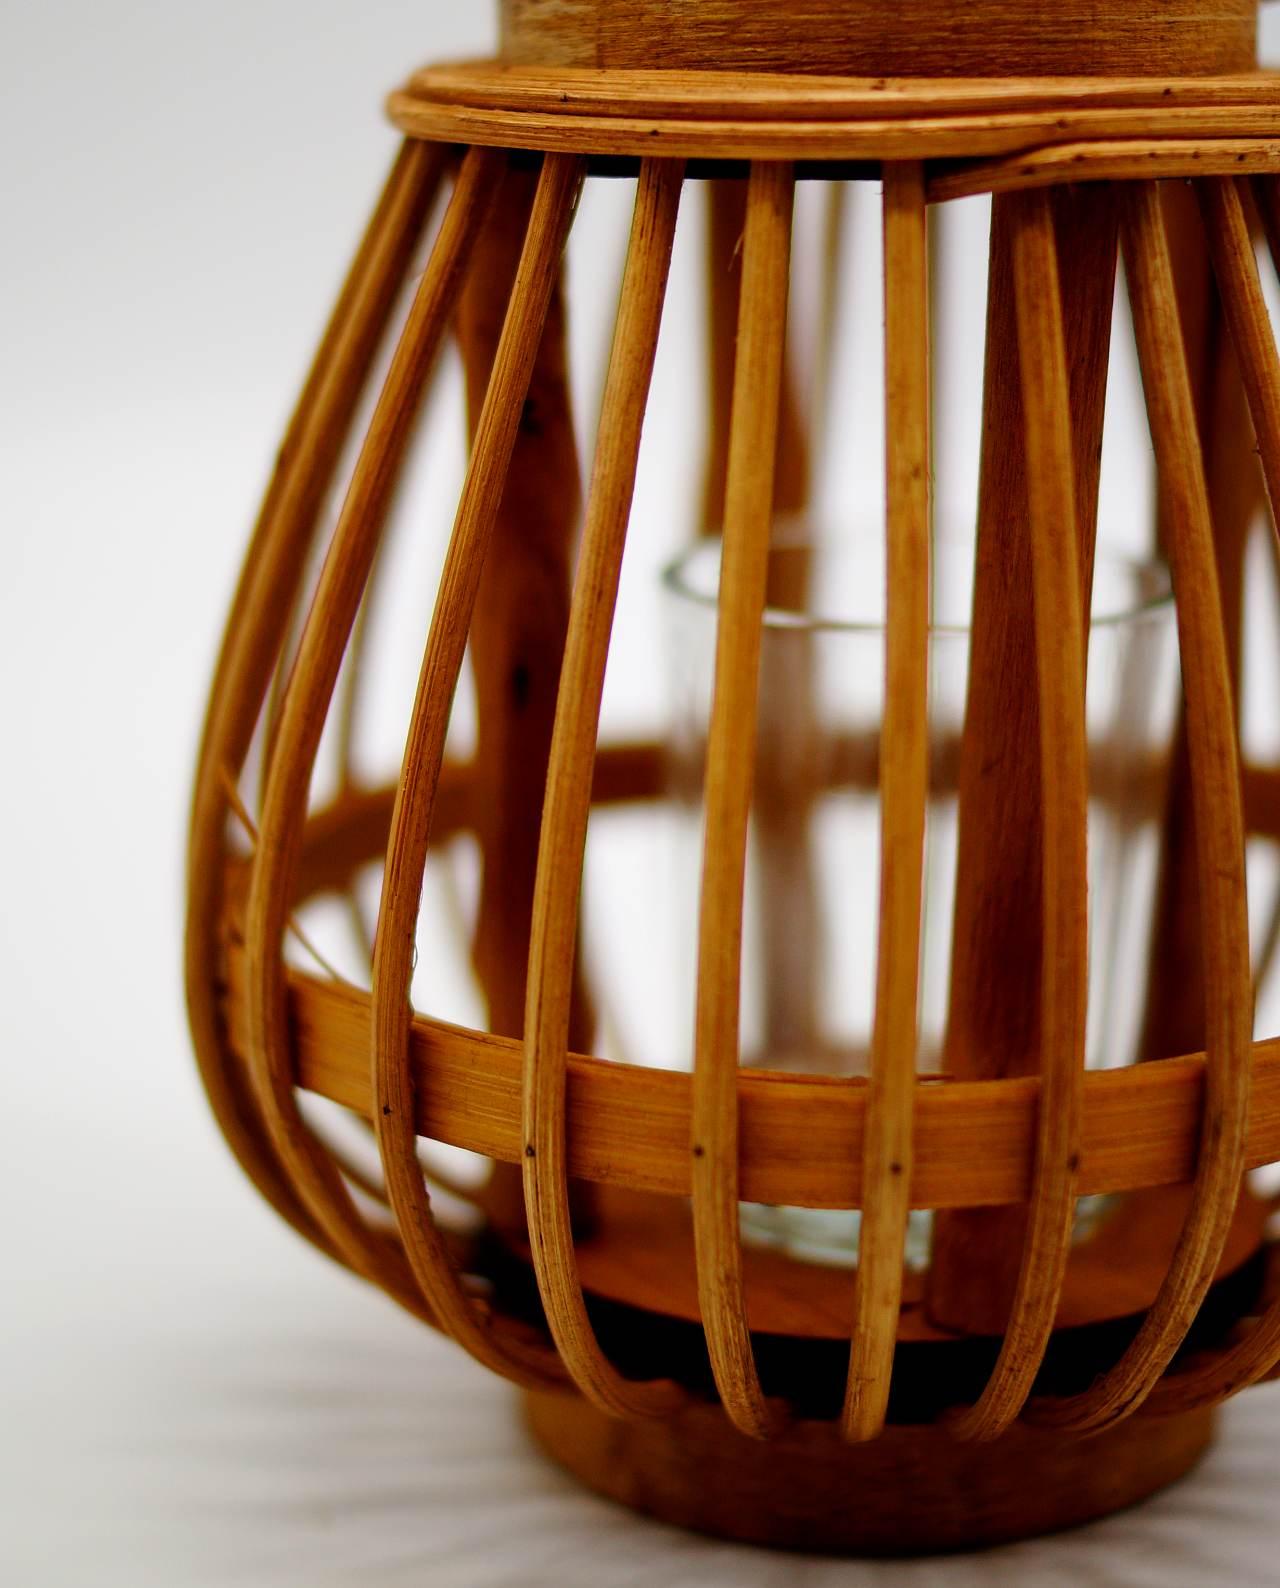 Φανάρι από μπεζ μπαμπού με γυαλί ρεσώ Ύψους 17 cm